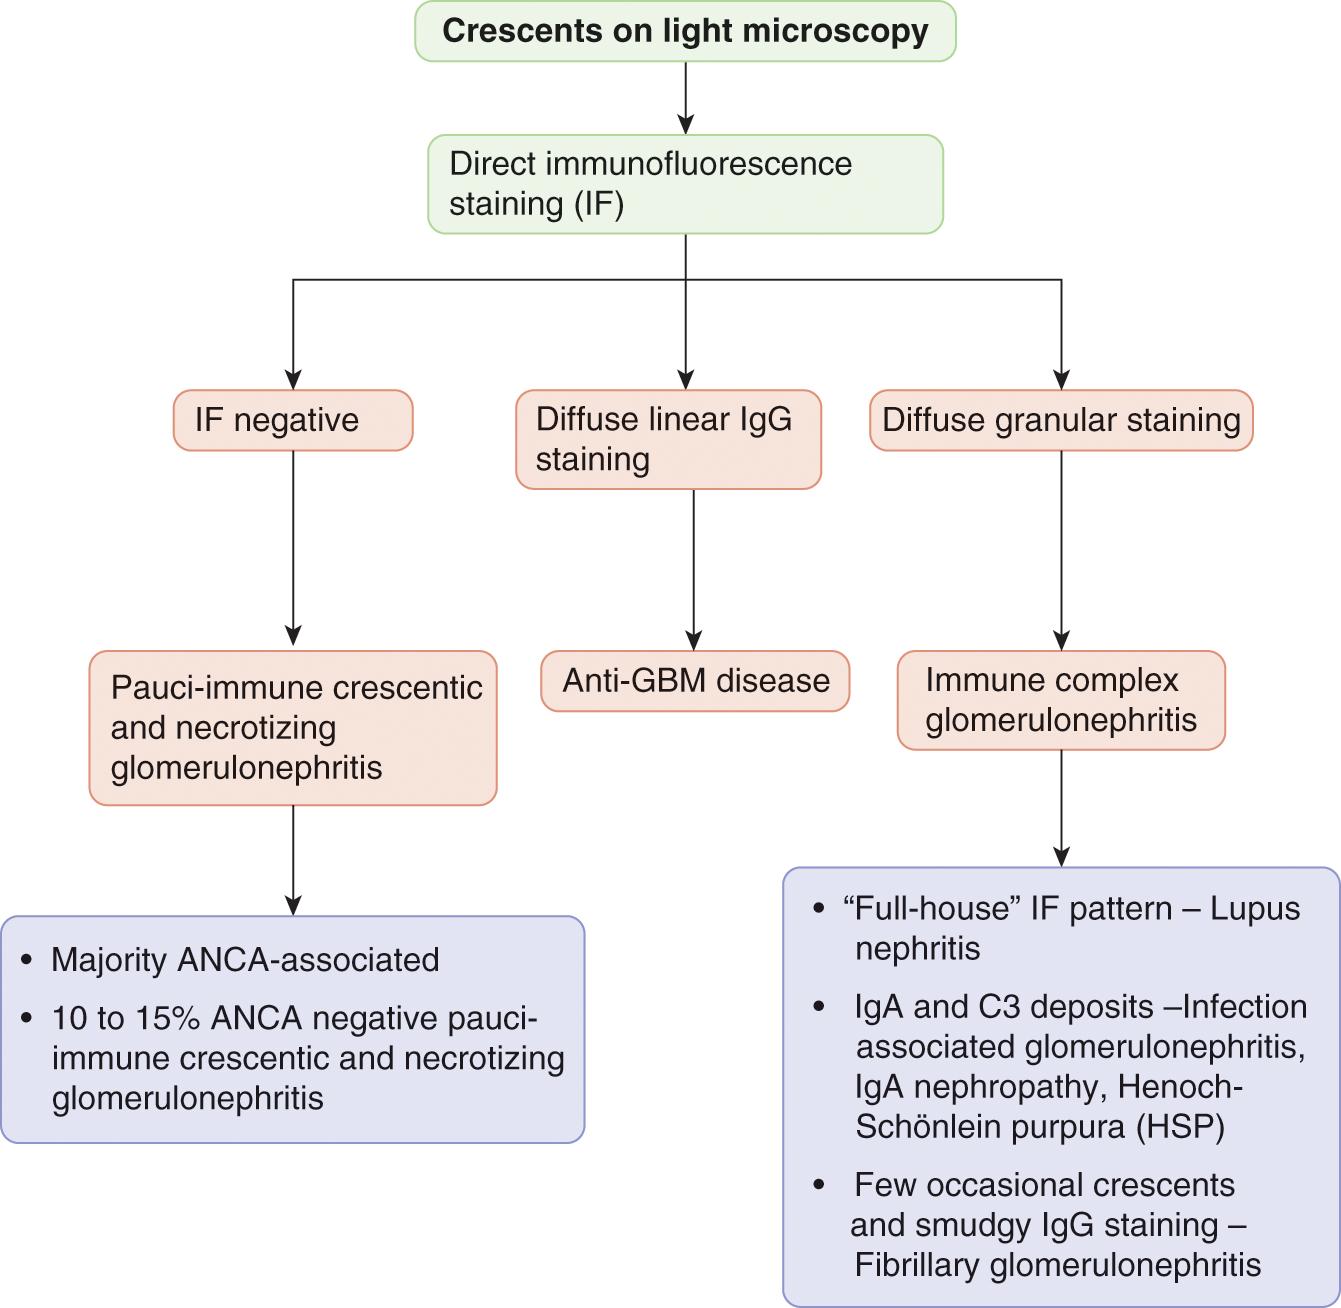 vasculitis pauci-immune